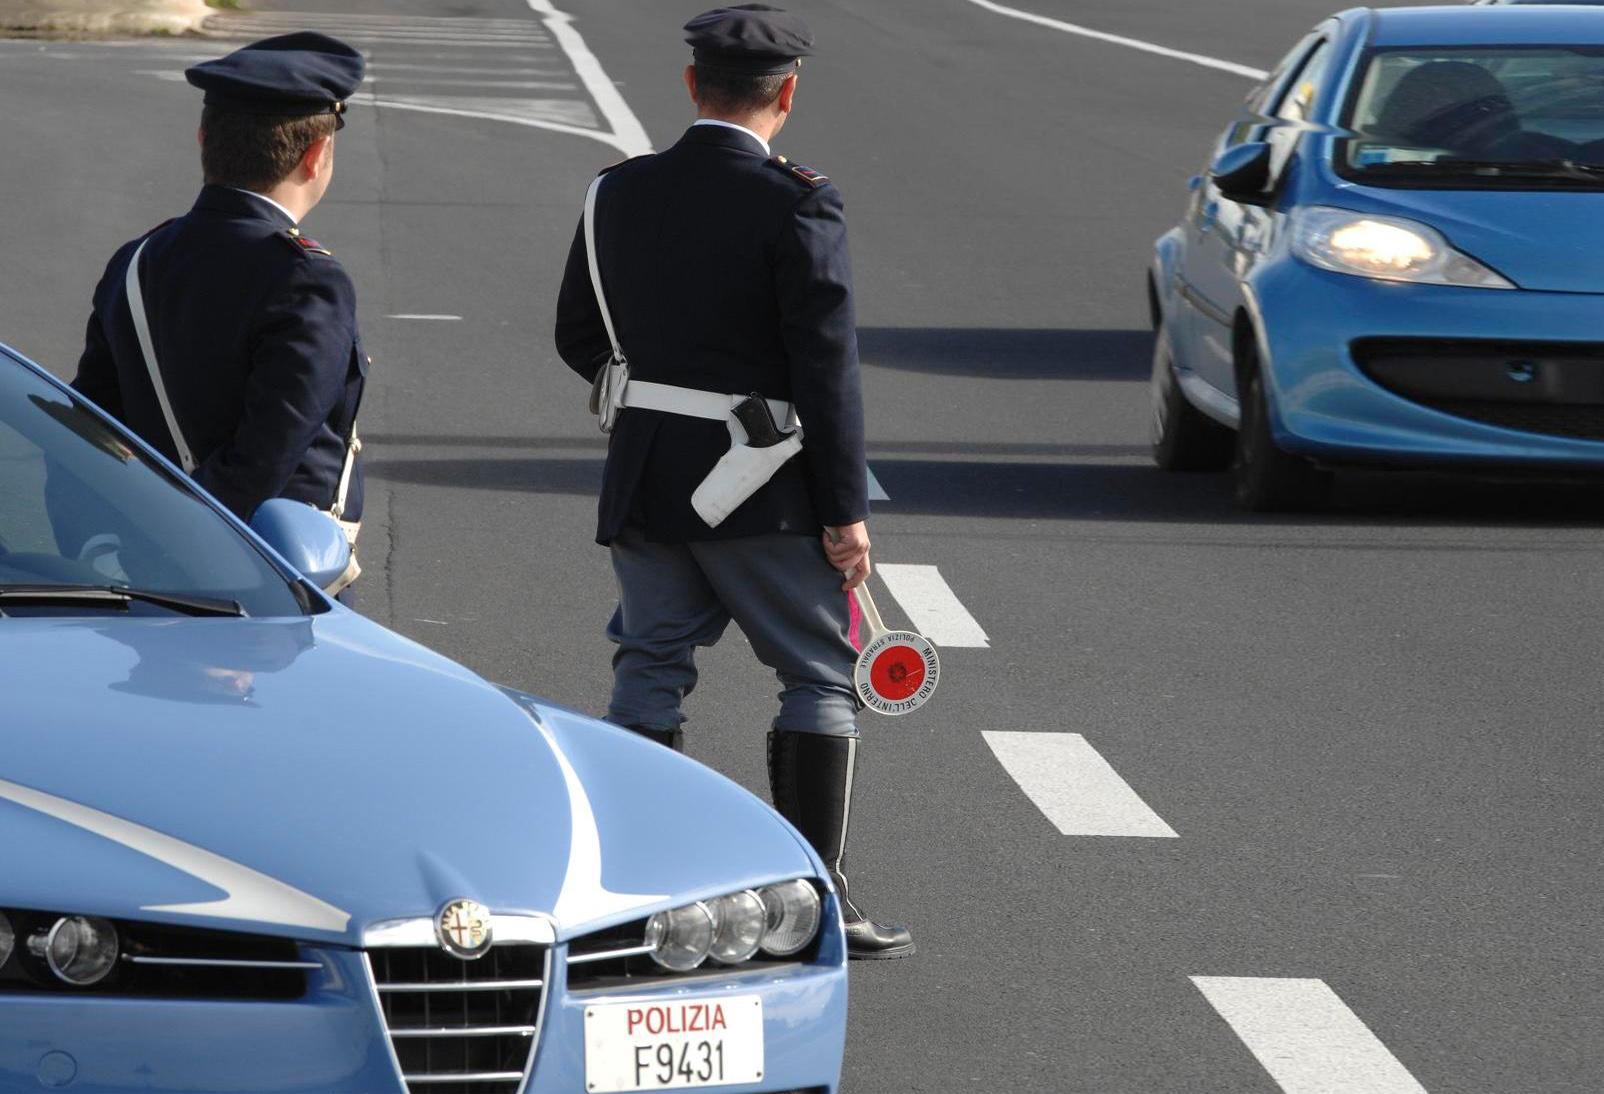 Ubriaco e drogato al volante in autostrada, denunciato 34enne